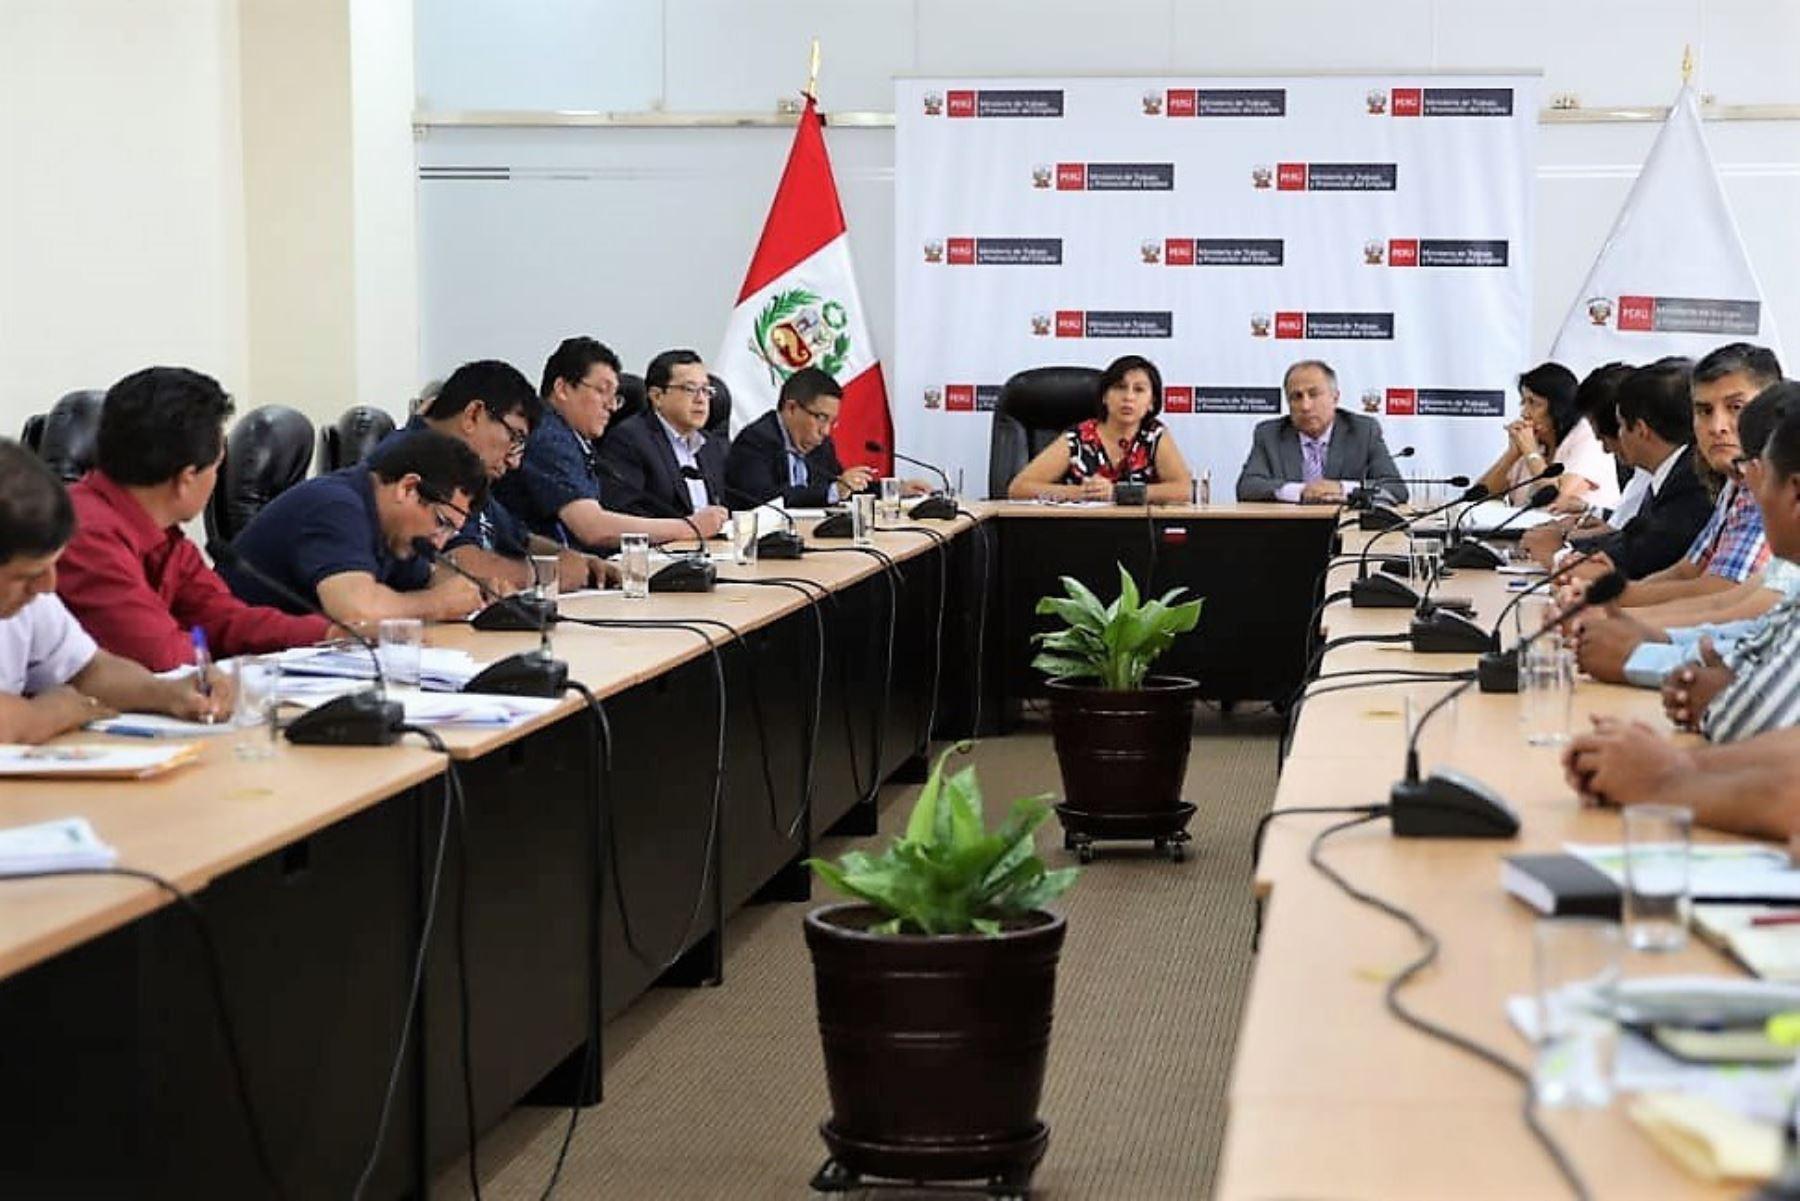 La ministra de Trabajo, Sylvia Cáceres, se reunión con dirigentes de los sindicatos mineros y con líderes de la CGTP.